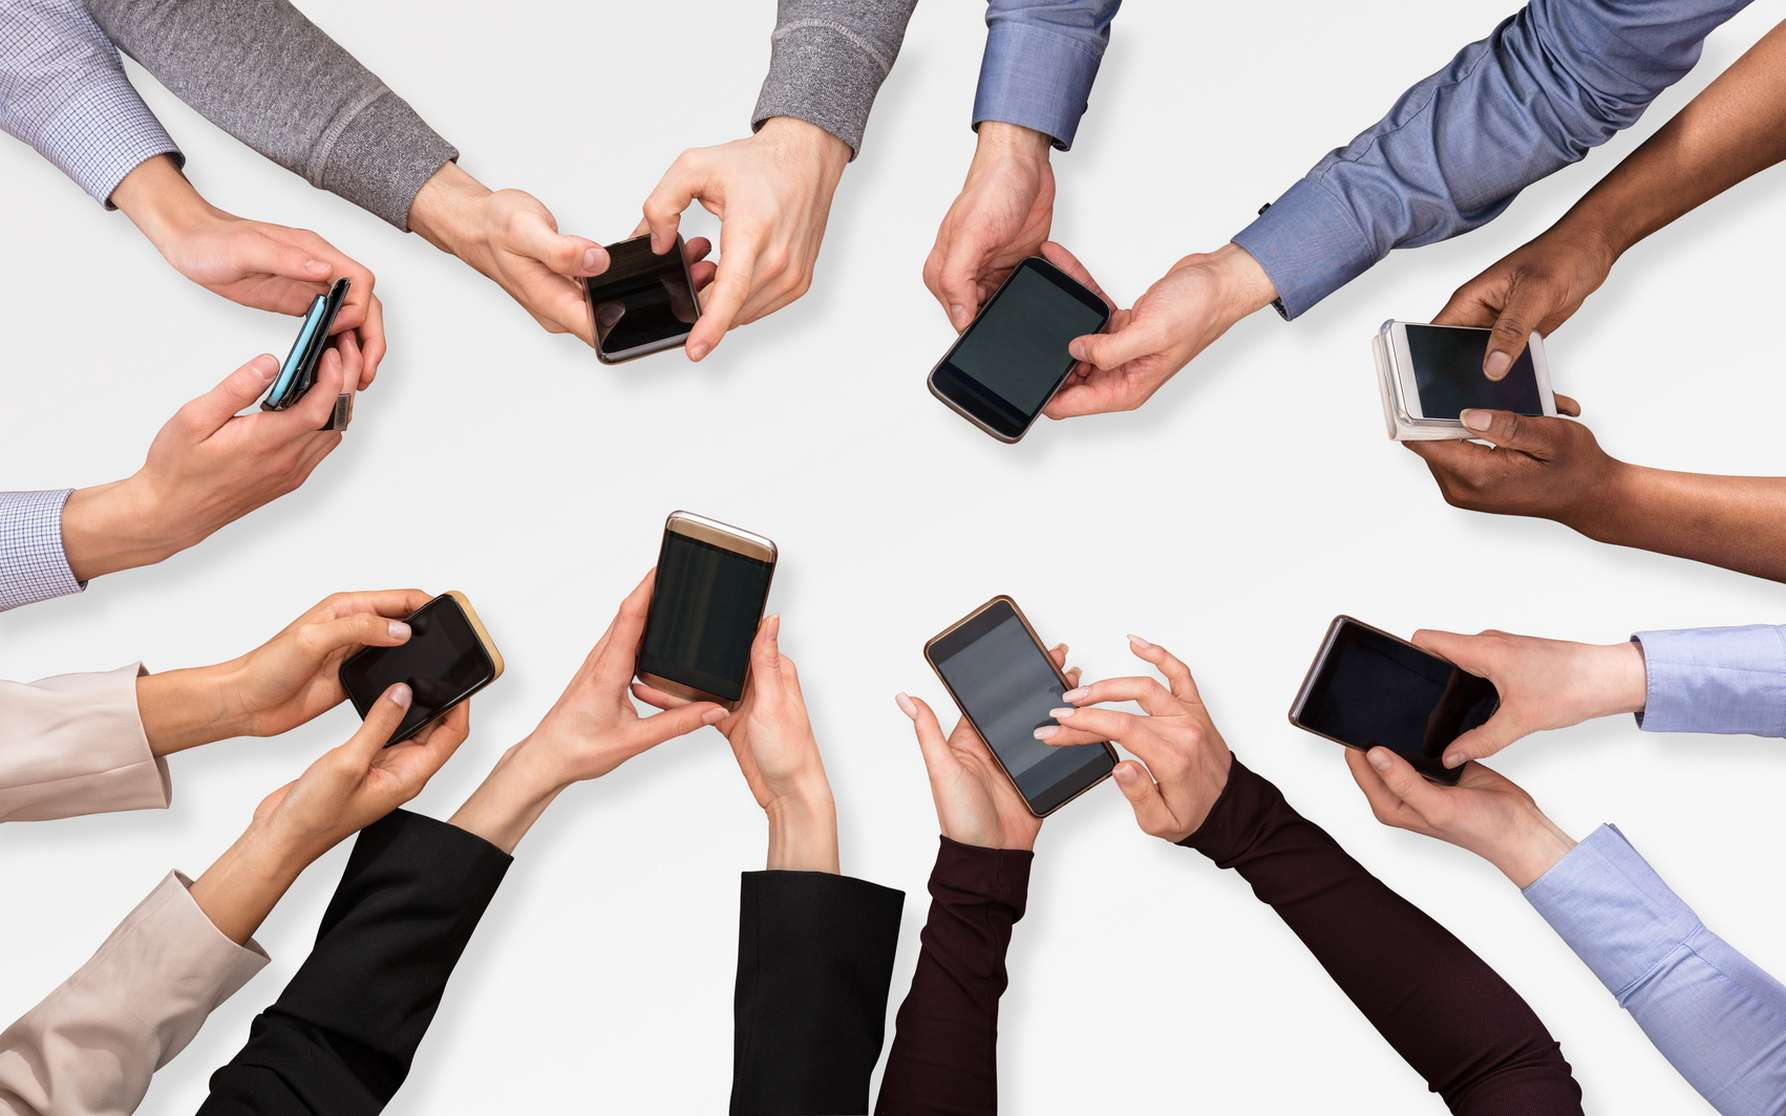 Pour les derniers jours d'octobre, certains opérateurs de téléphonie prolongent leurs offres promotionnels. Idéal pour ceux qui souhaitent changer de forfait mobile. © Andrey Popov, Fotolia